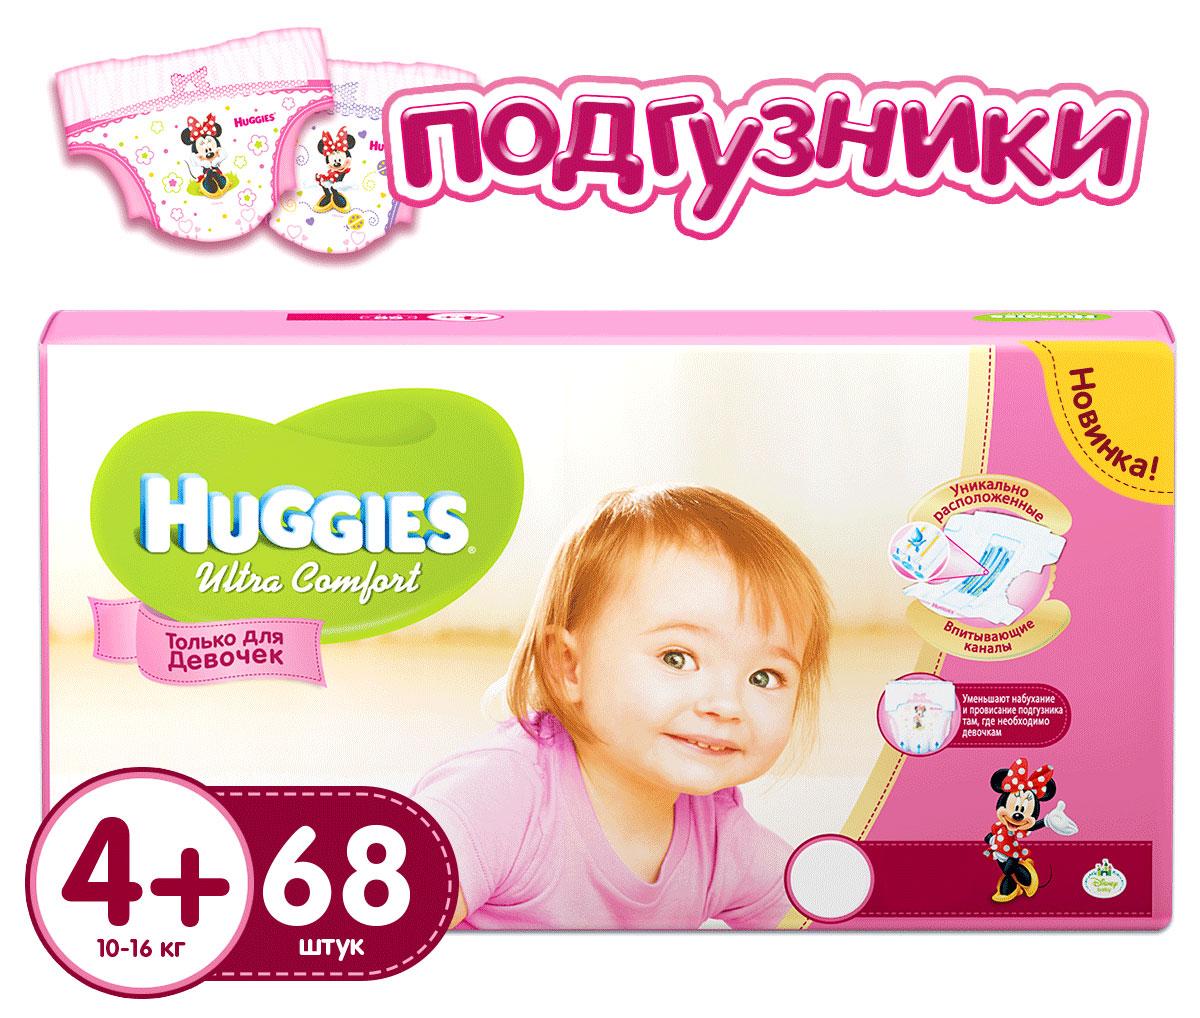 Huggies Подгузники для девочек Ultra Comfort 10-16 кг (размер 4+) 68 шт